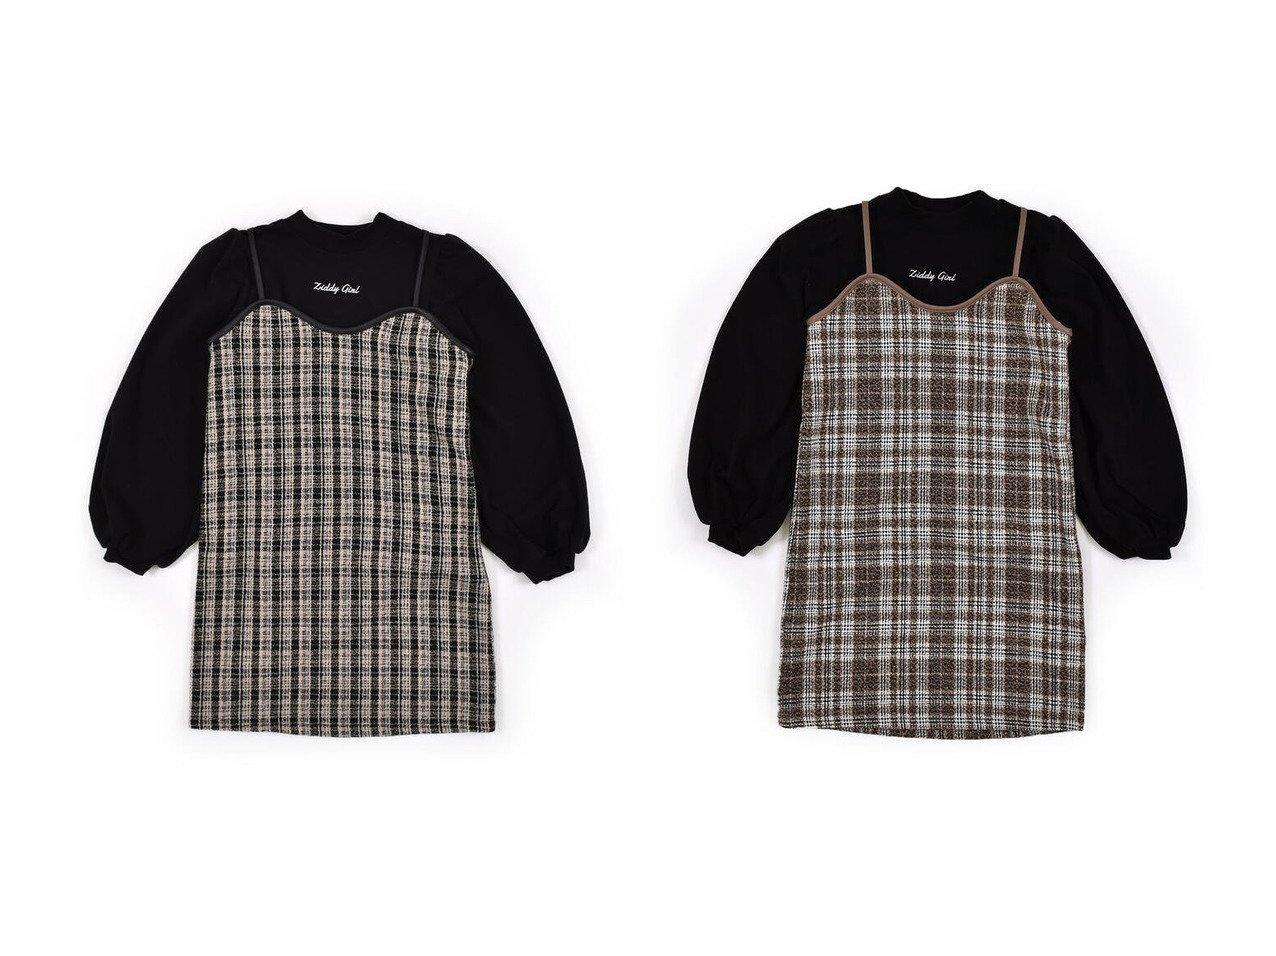 【ZIDDY / KIDS/ジディー】のチェック柄 ツイード ワンピース + ボリュームスリーブ Tシャツ 2点セット( KIDS】子供服のおすすめ!人気トレンド・キッズファッションの通販 おすすめで人気の流行・トレンド、ファッションの通販商品 メンズファッション・キッズファッション・インテリア・家具・レディースファッション・服の通販 founy(ファニー) https://founy.com/ ファッション Fashion キッズファッション KIDS ワンピース Dress Kids スリーブ チェック ツイード 再入荷 Restock/Back in Stock/Re Arrival |ID:crp329100000018389